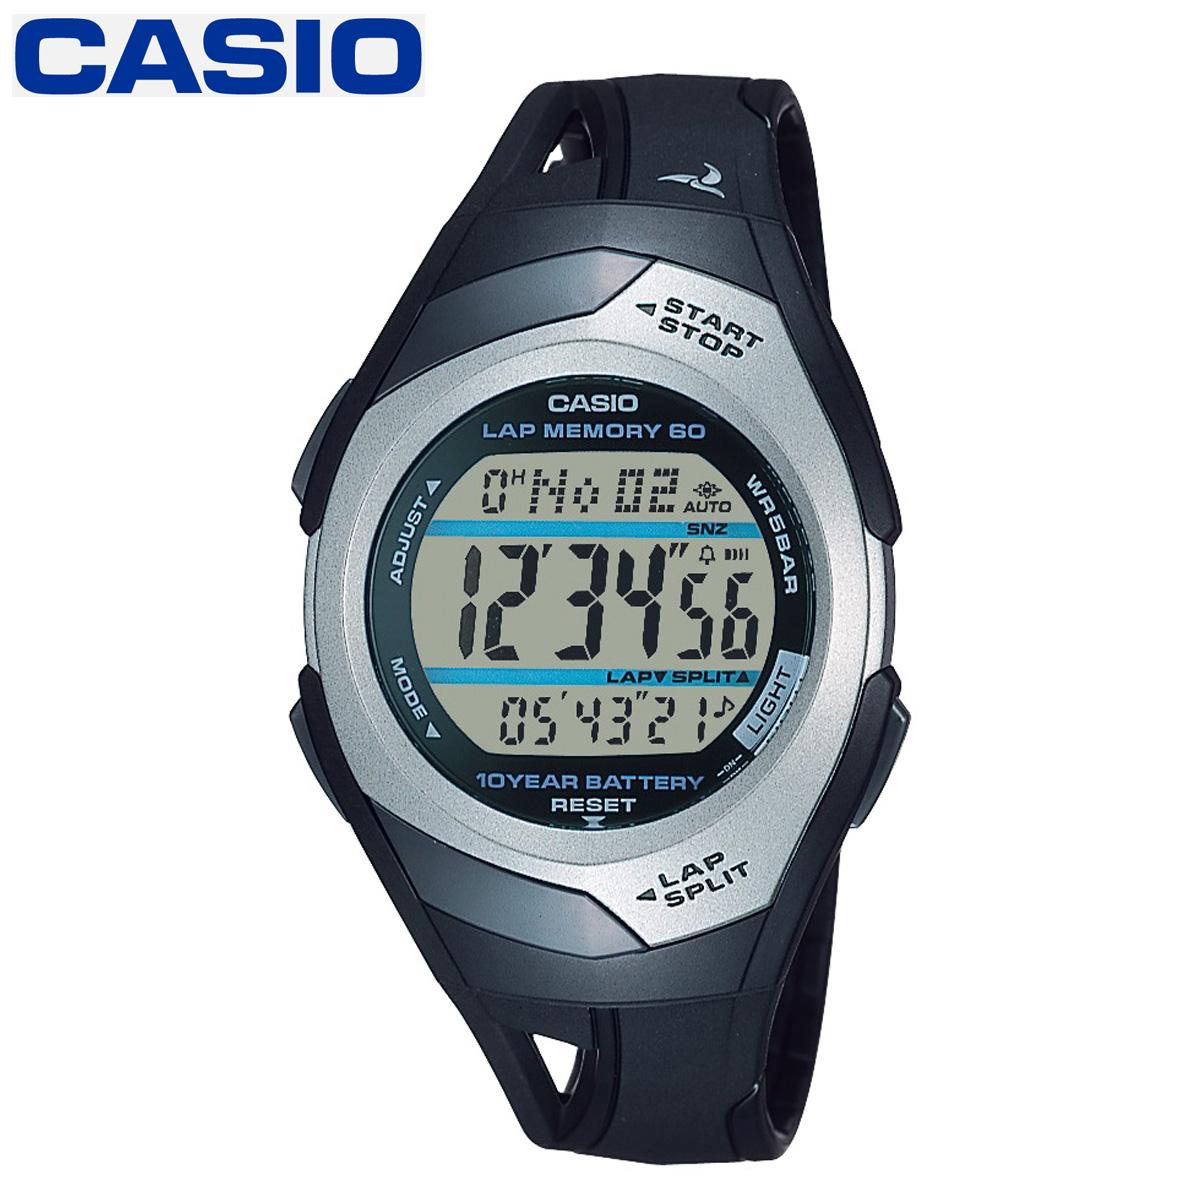 カシオ スポーツウォッチ PHYS フィズ LAP MEMORY 60 STR-300J-2AJF CASIO ランニングウォッチ ランナーズウォッチ 腕時計 ジョギング 時計 スポーツ スポーツウォッチ マラソン ラップタイム